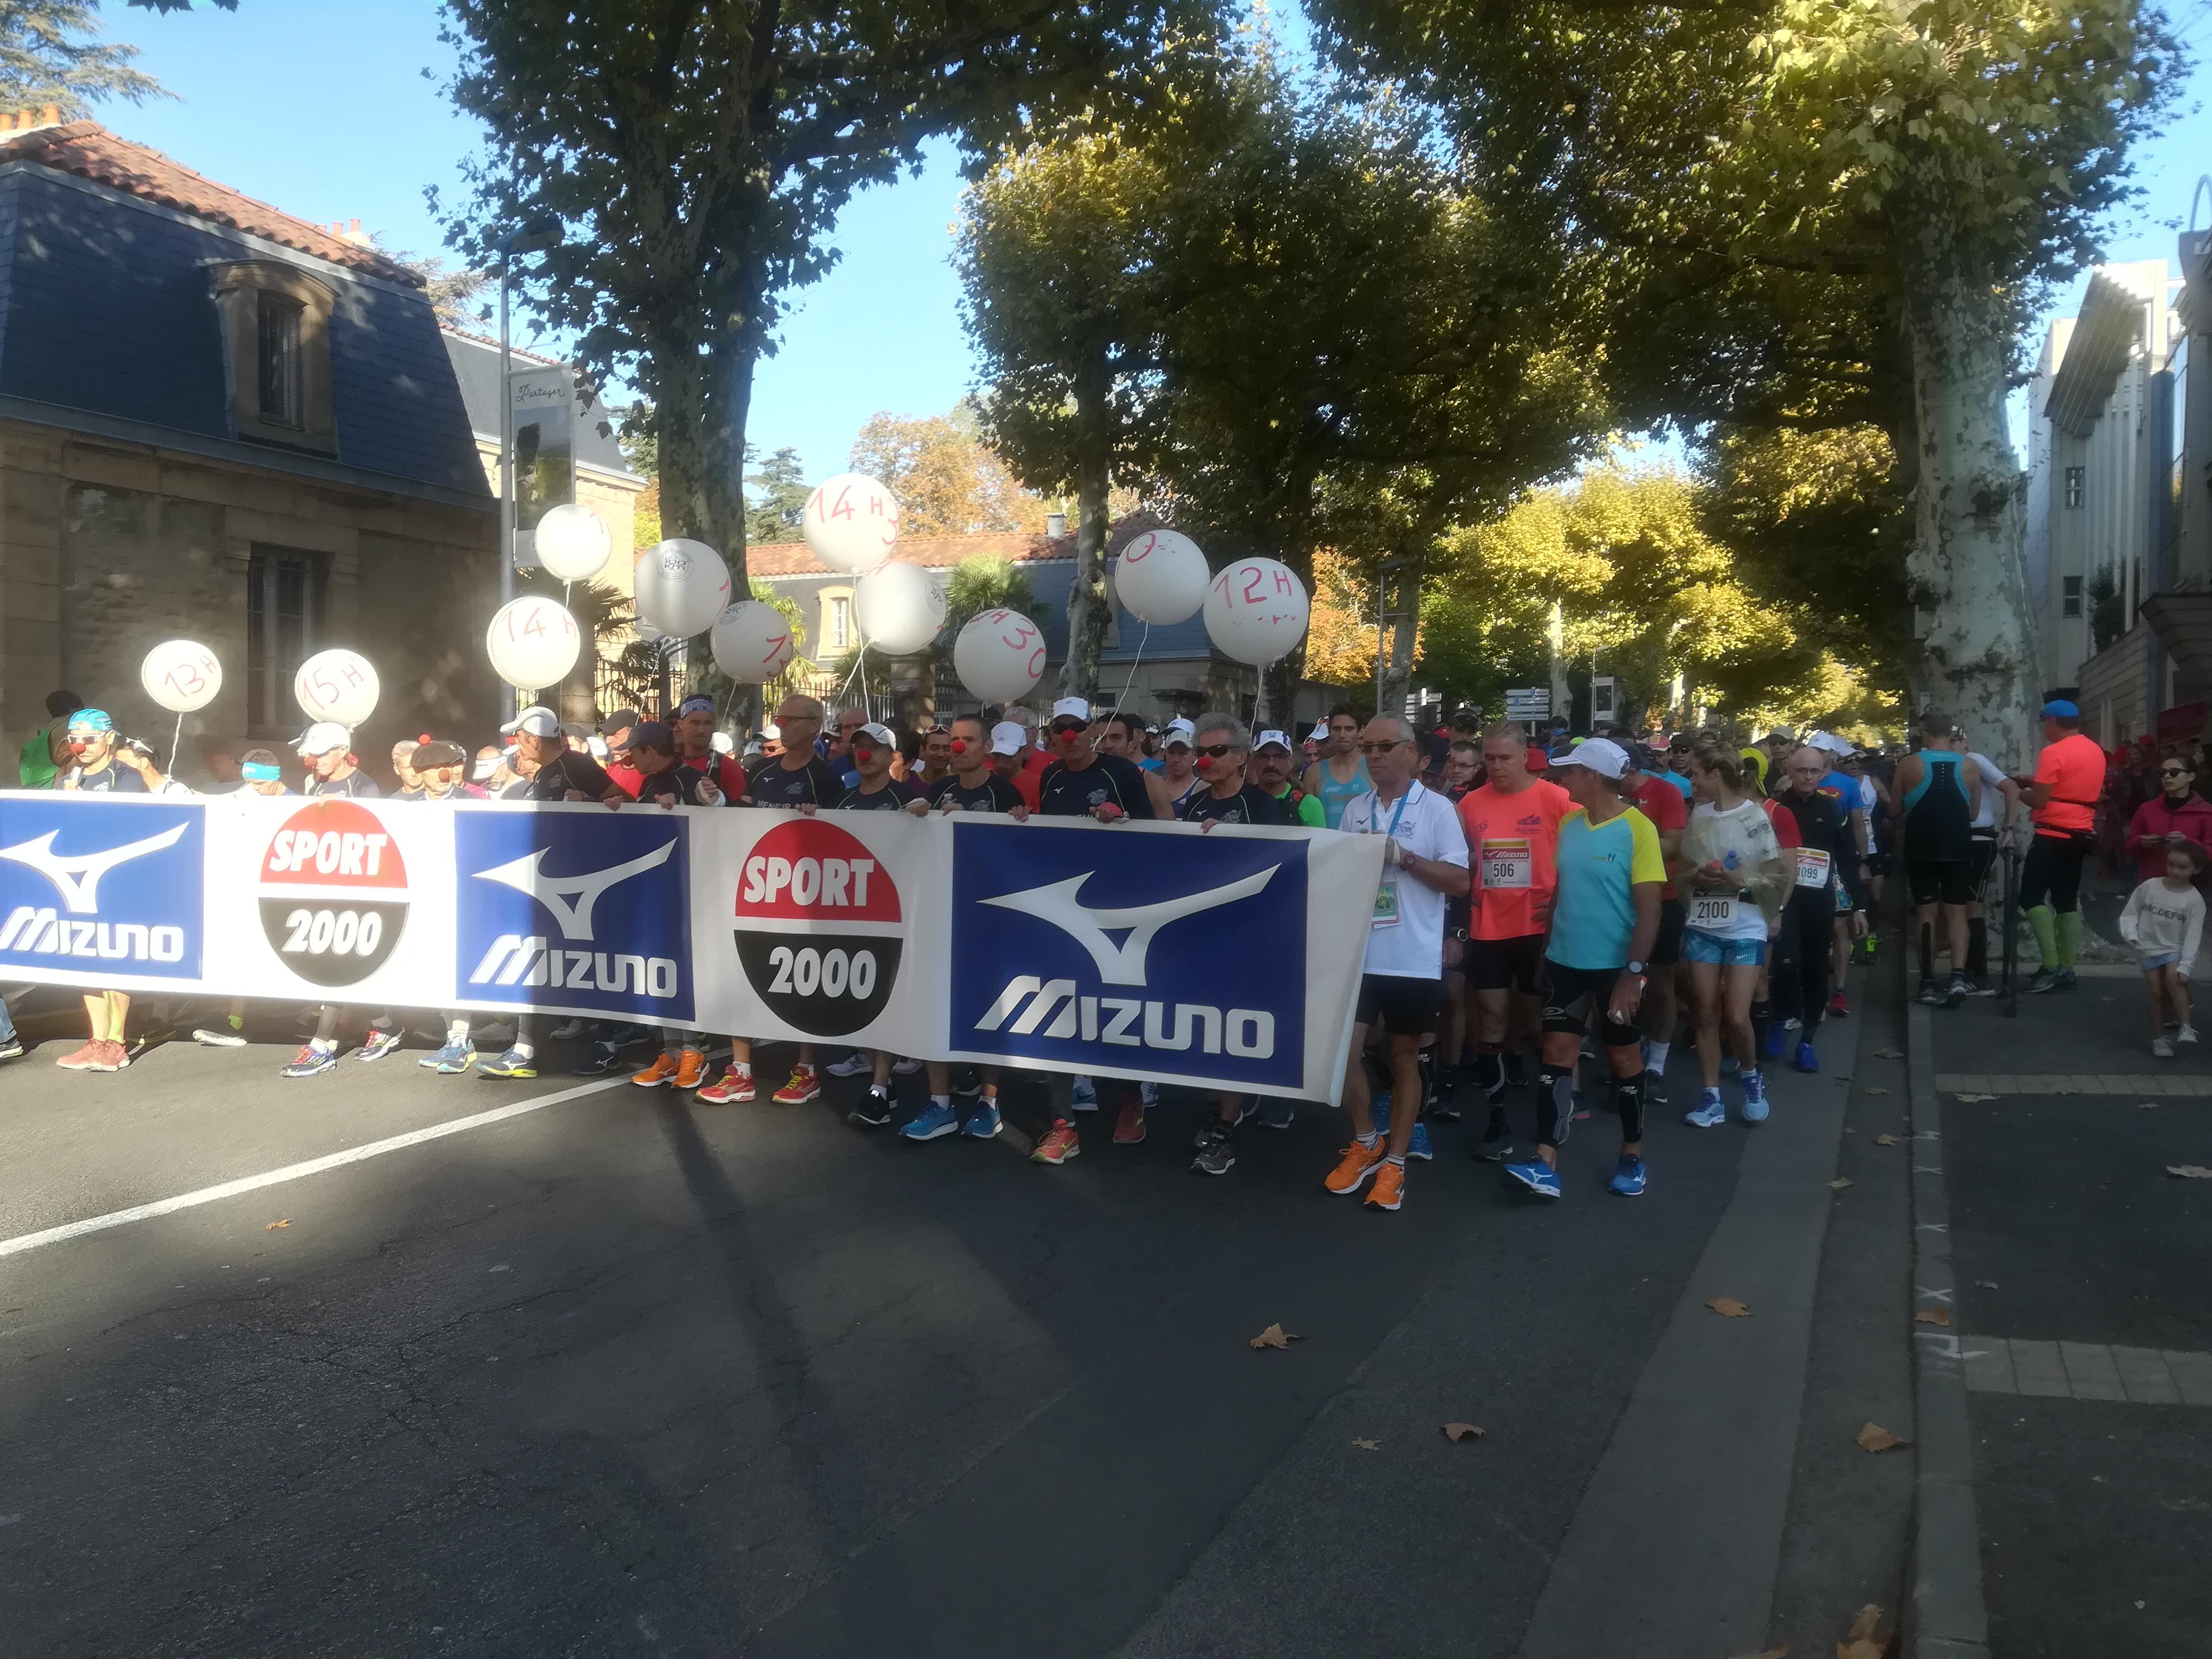 Une superbe édition du 100 km de Millau, sous un grand soleil, un peu chaud peut être, mais la victoire a été au bout pour nos 3 J        …